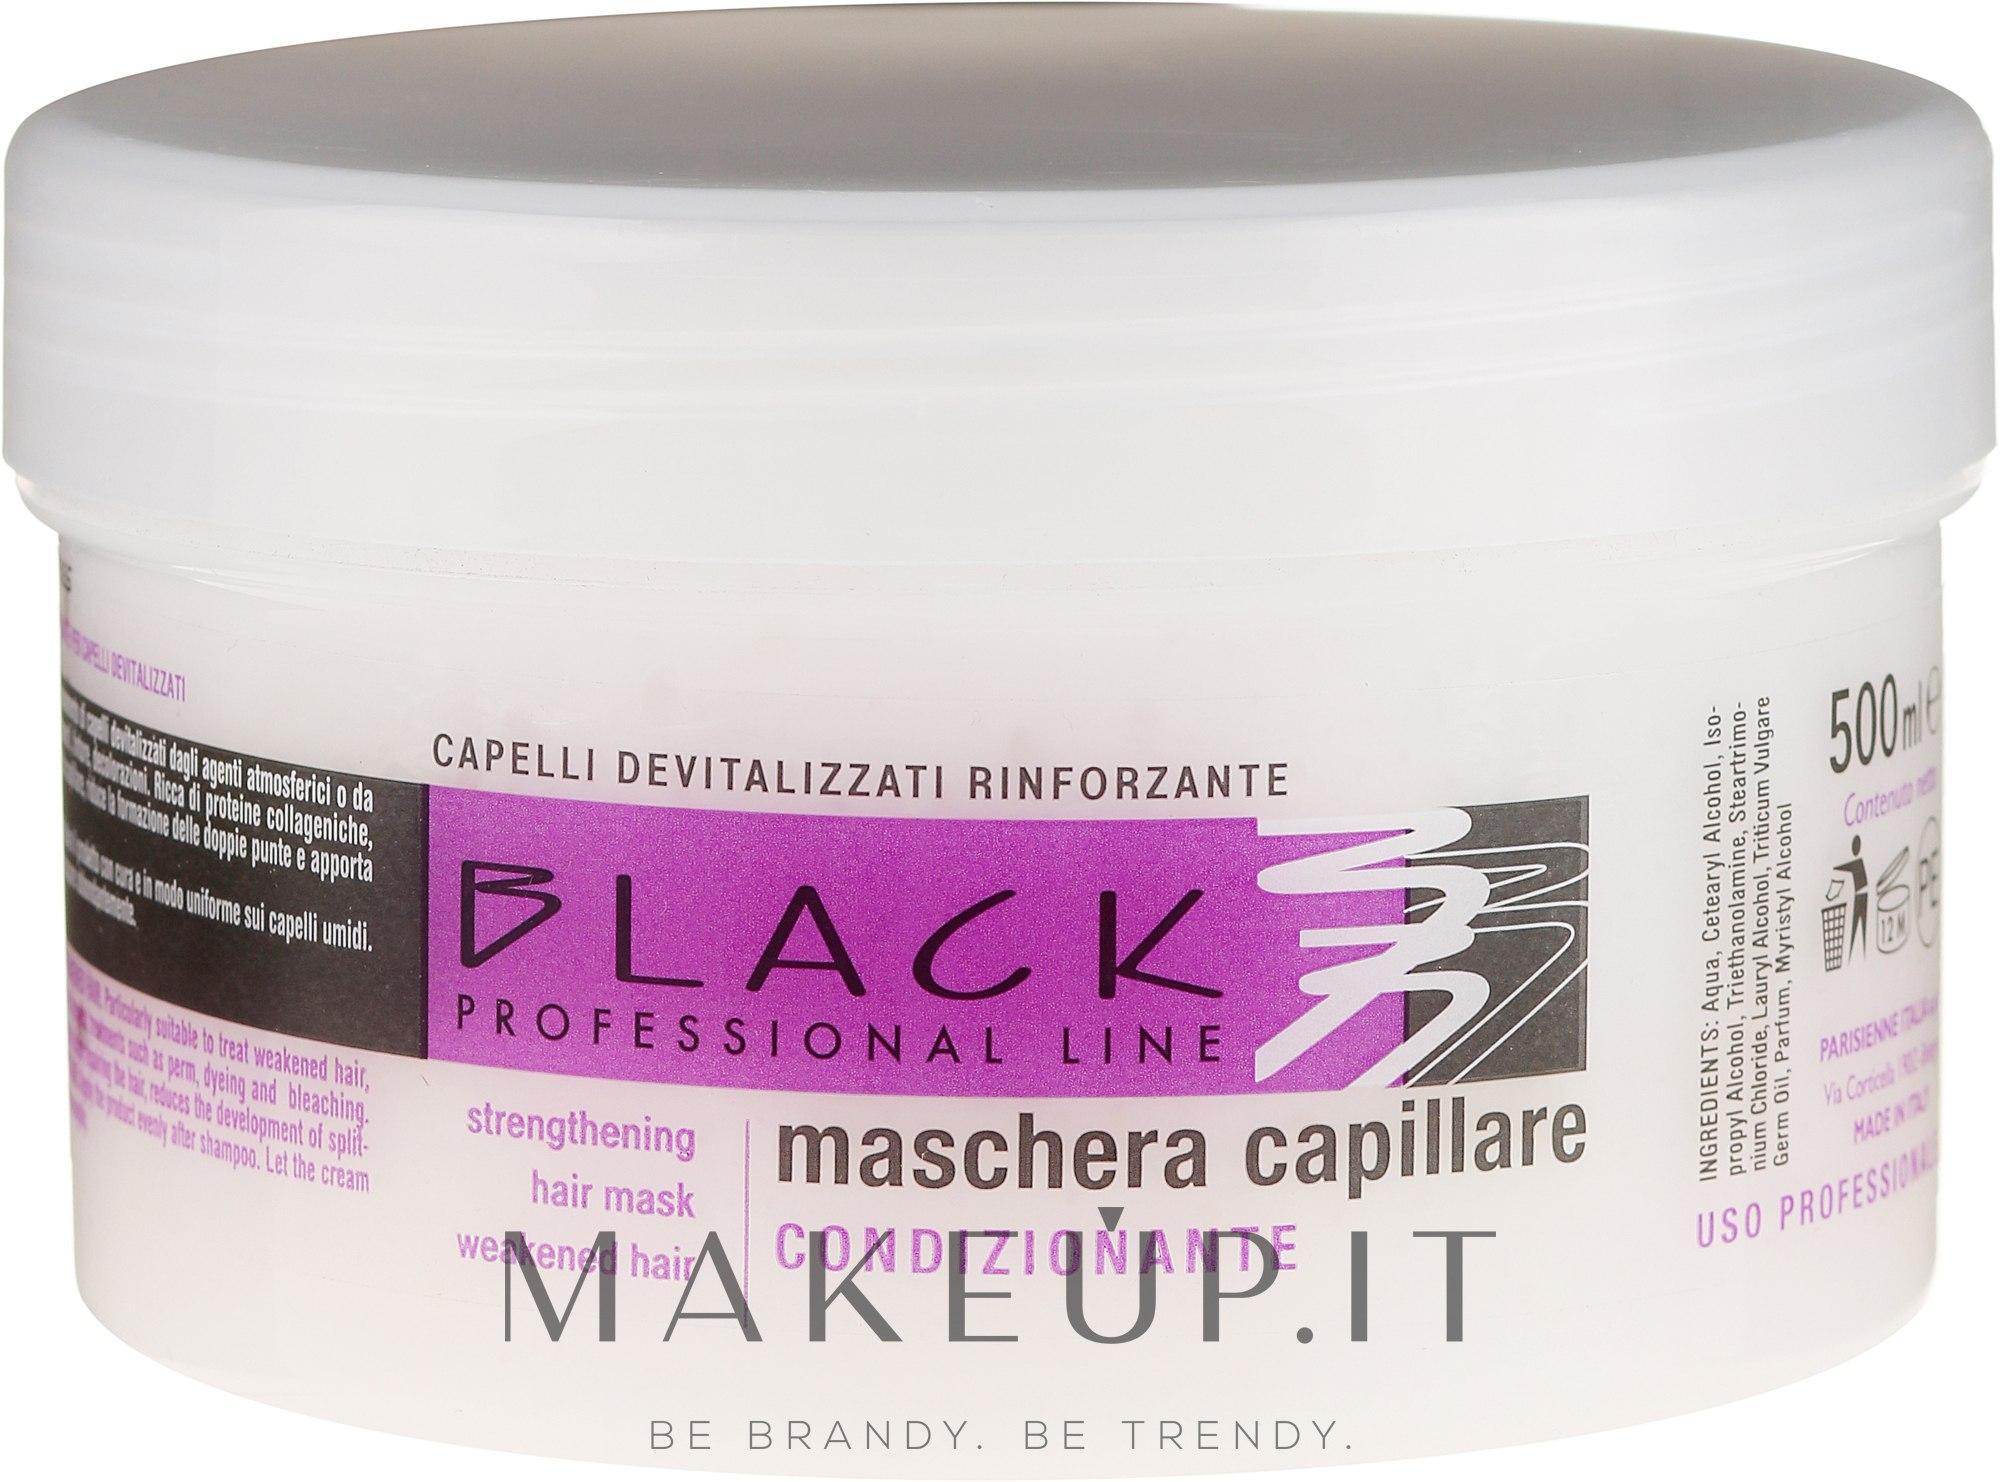 Maschera-balsamo rinforzante per capelli secchi e deboli - Black Professional Line Strengthening Hair Mask — foto 500 ml